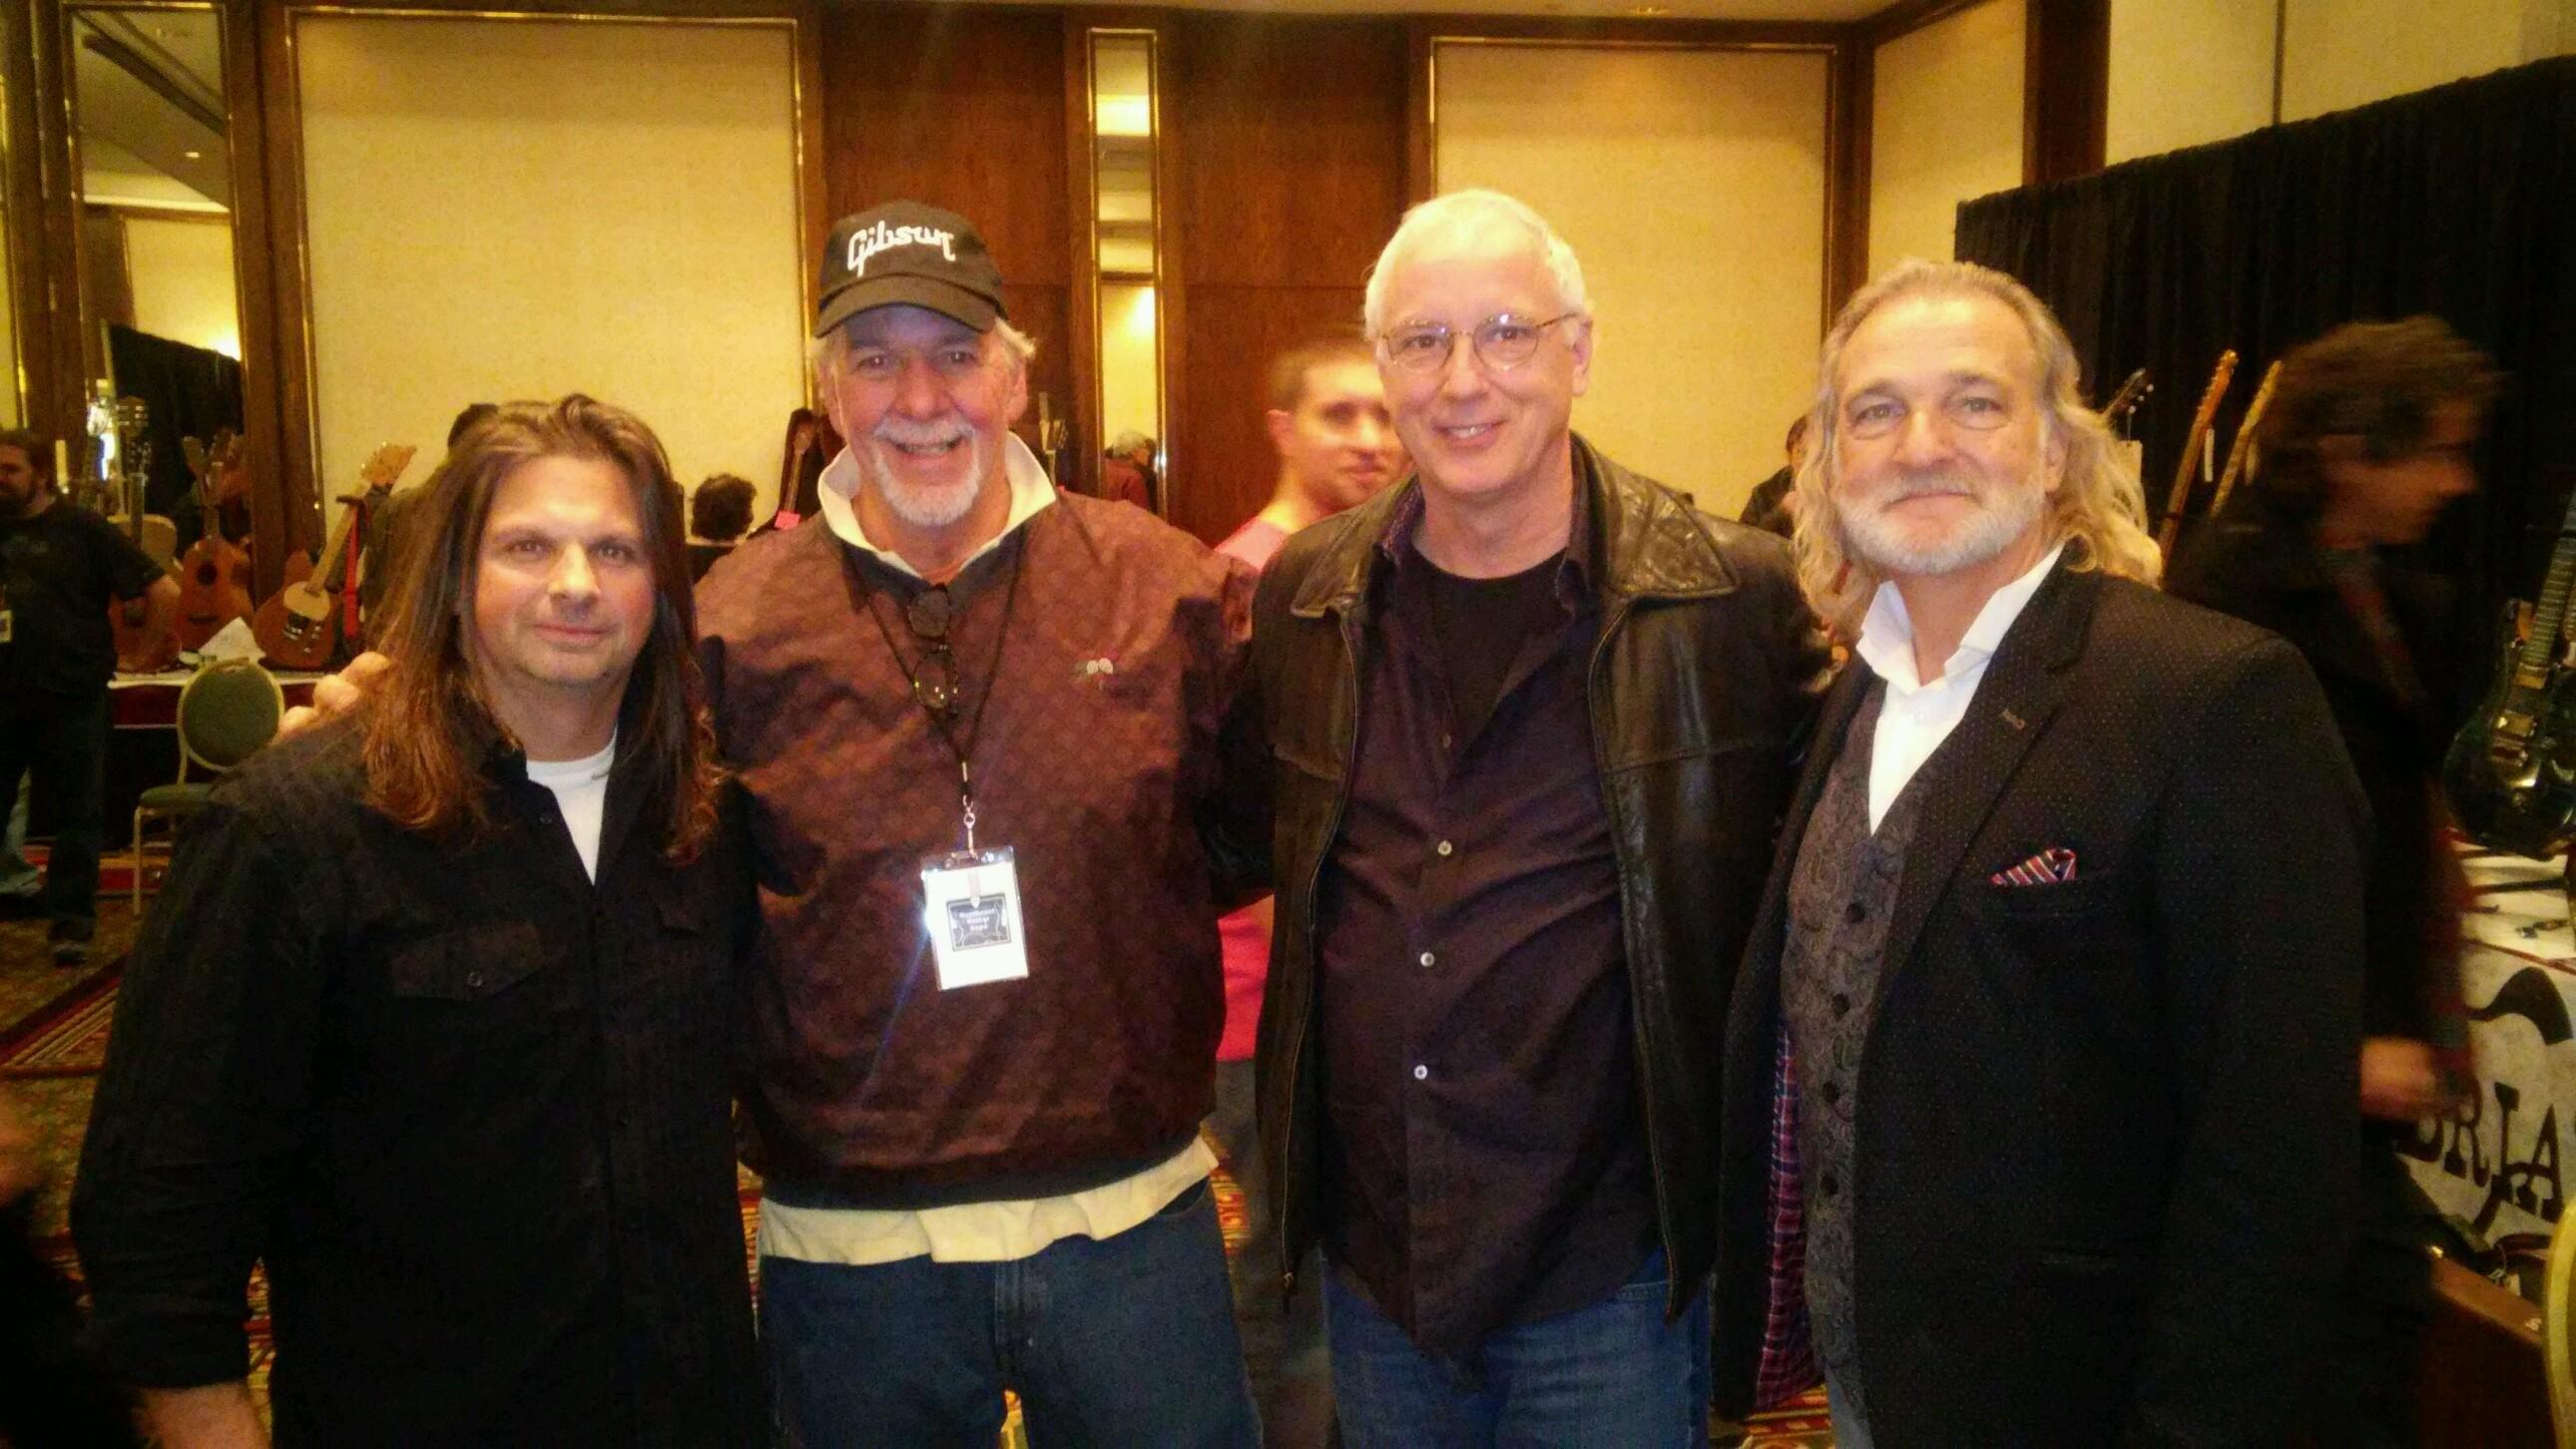 Mike, Peter, Paul & Tom